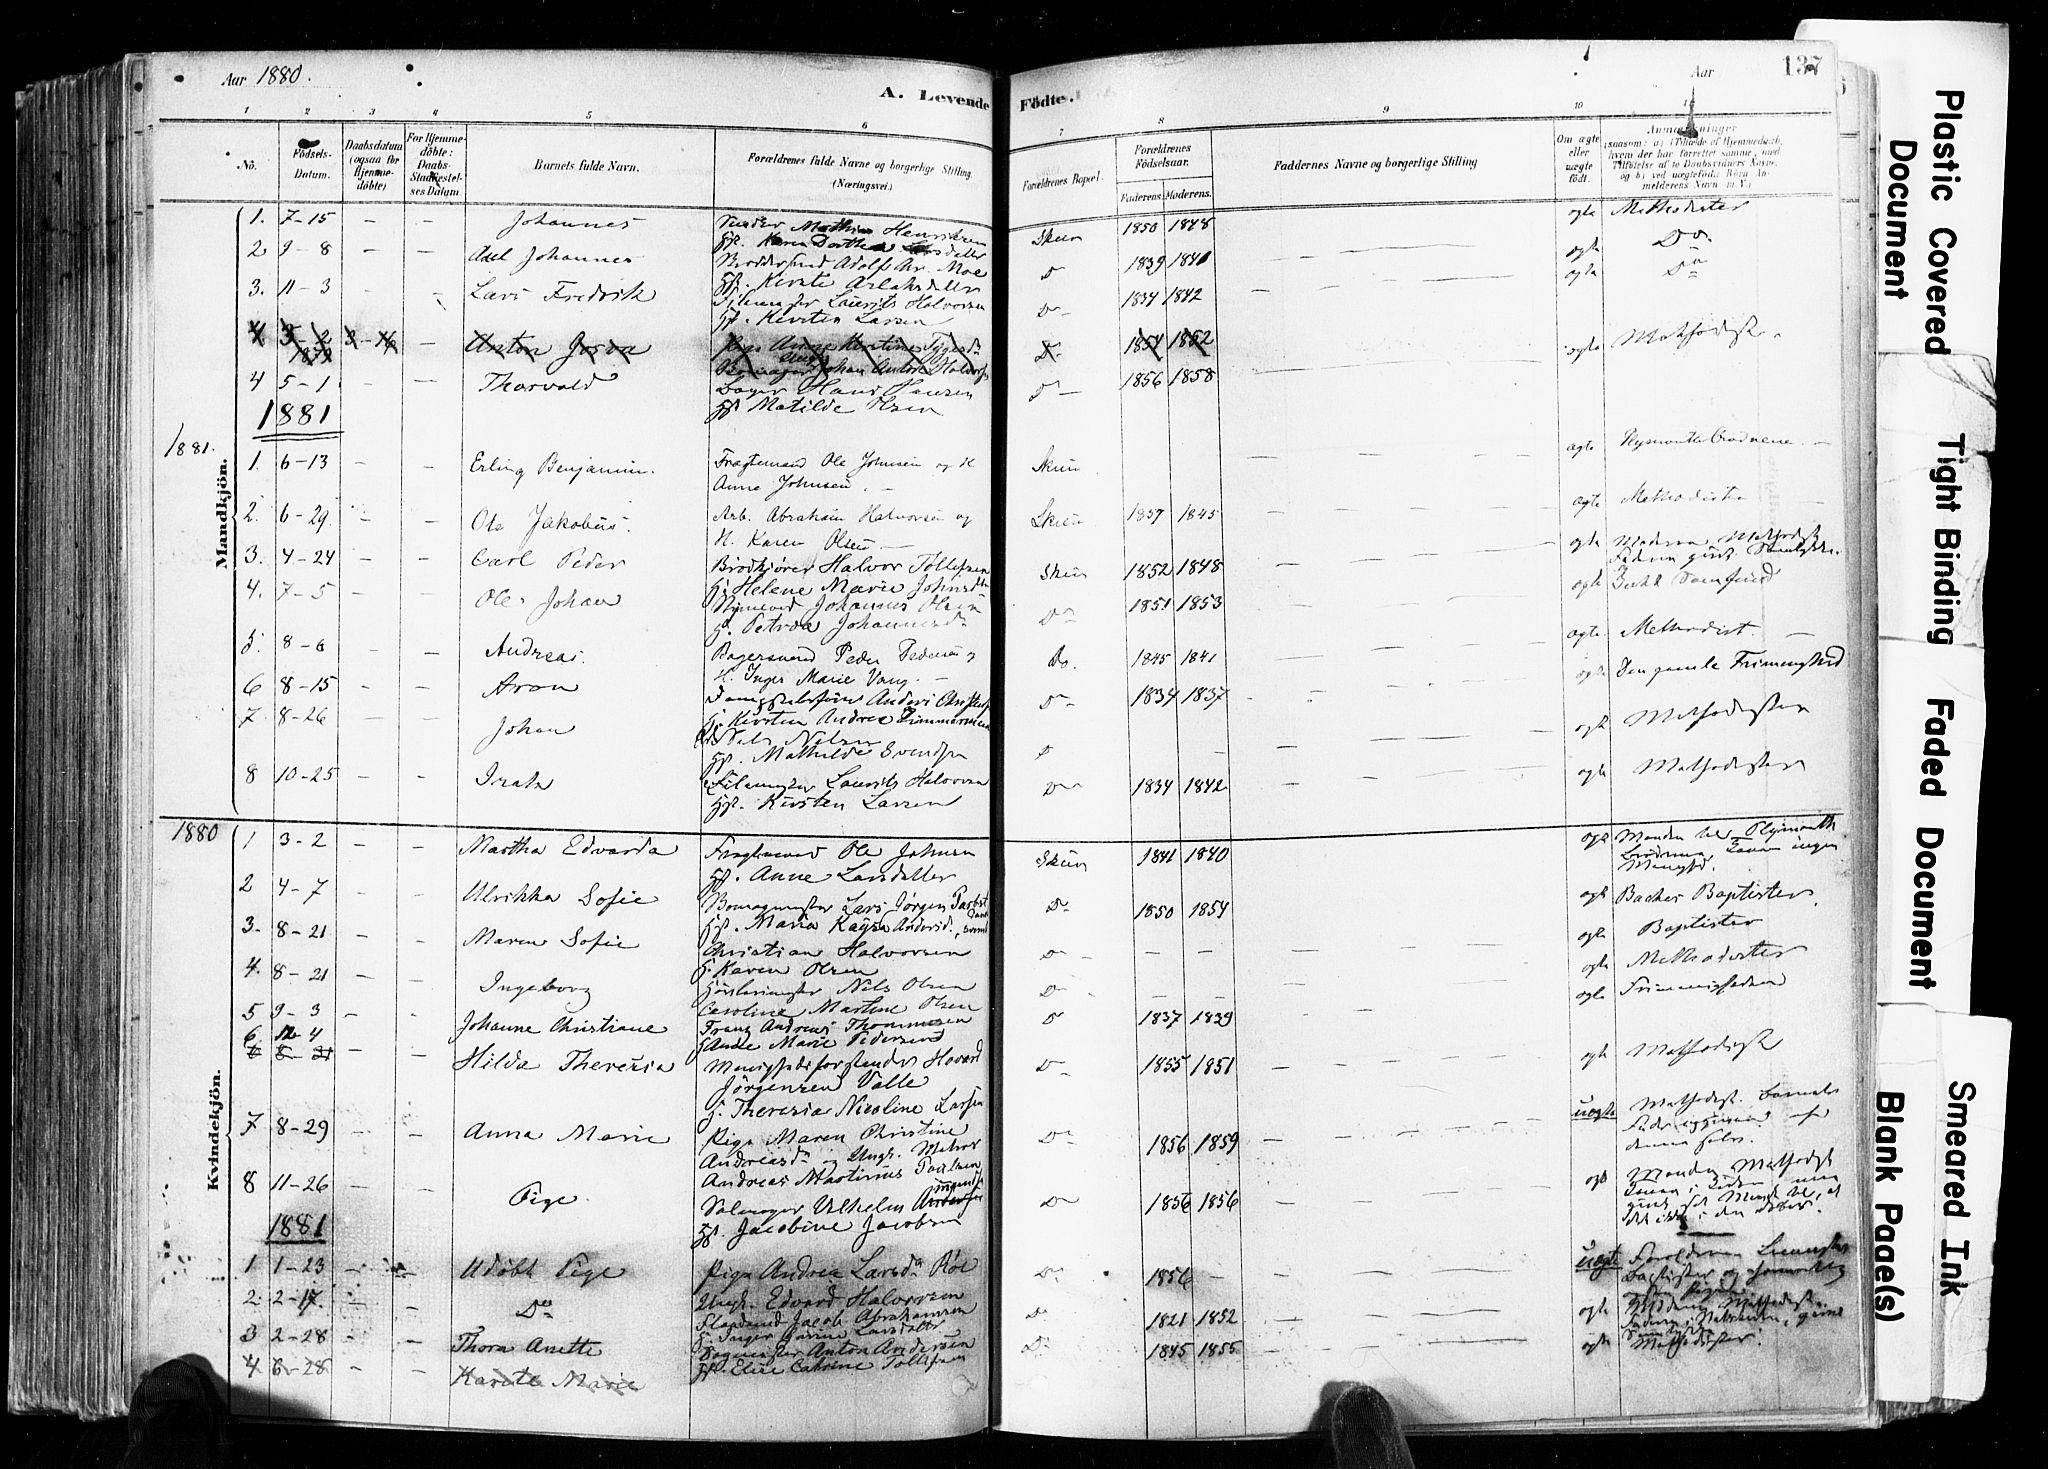 SAKO, Skien kirkebøker, F/Fa/L0009: Ministerialbok nr. 9, 1878-1890, s. 137